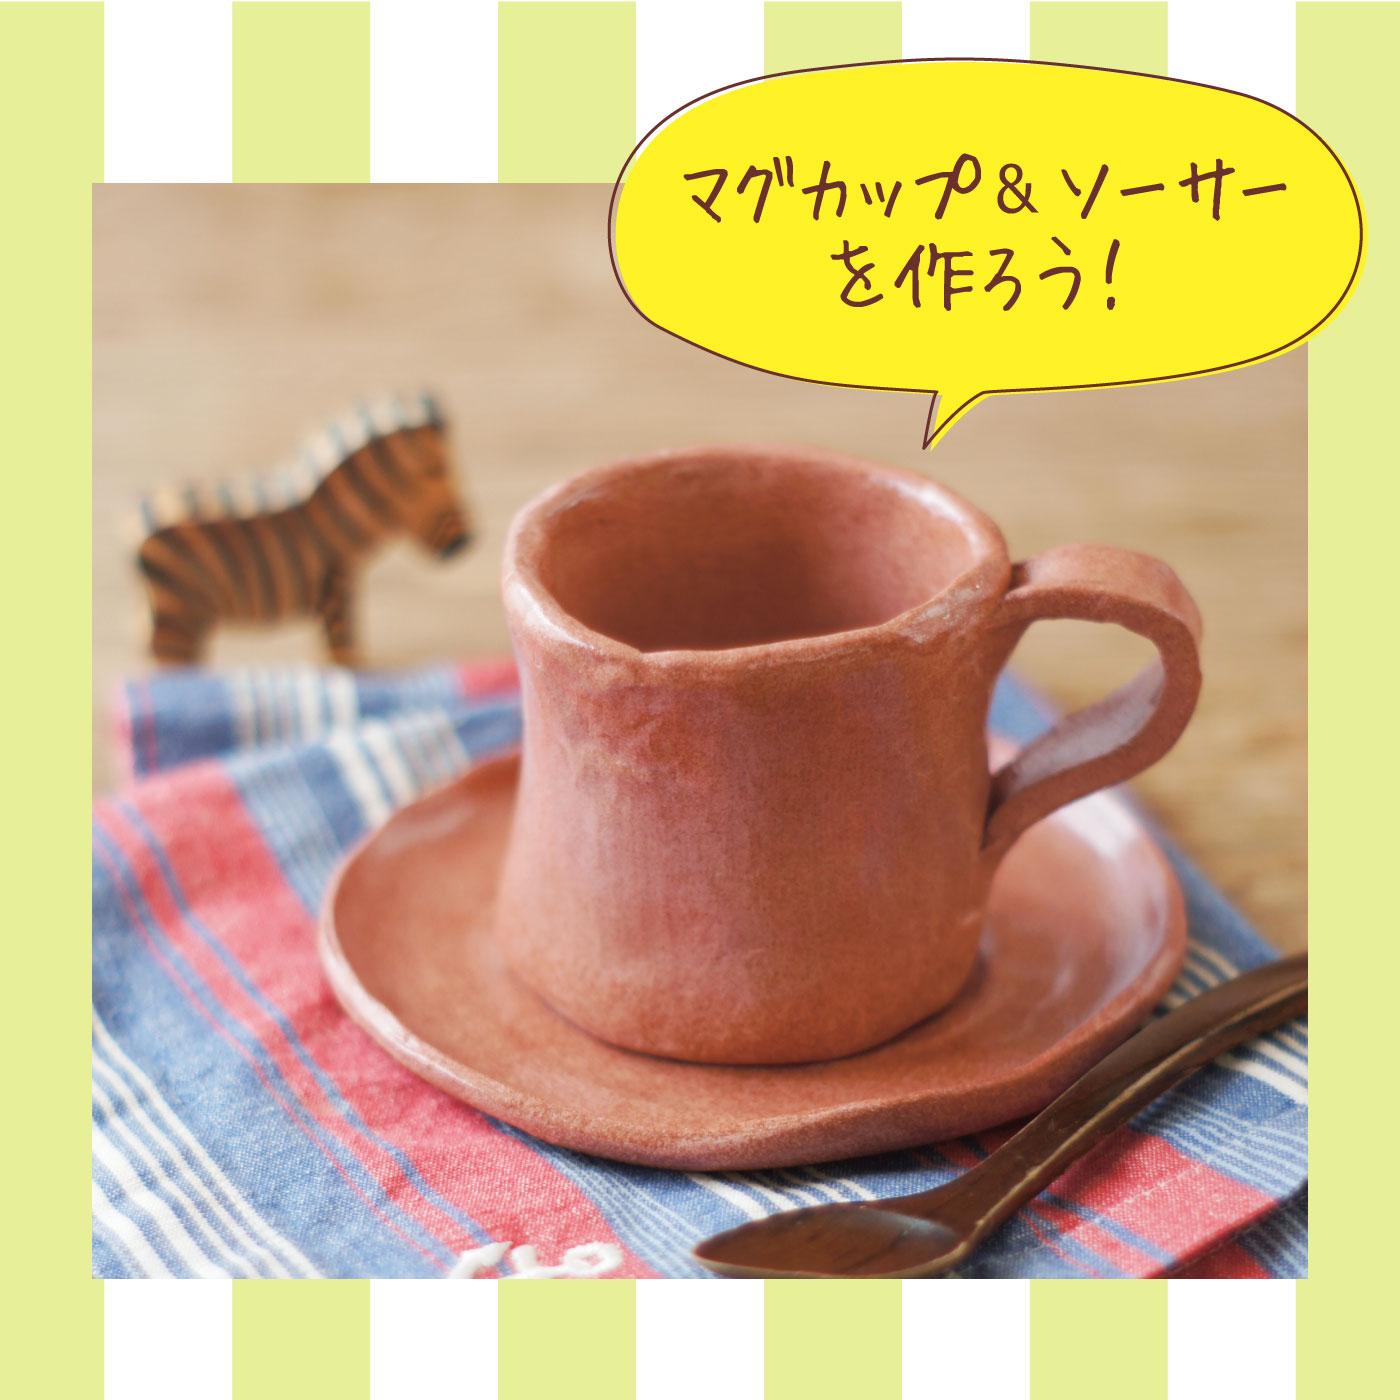 マグカップ&ソーサーを作ろう!